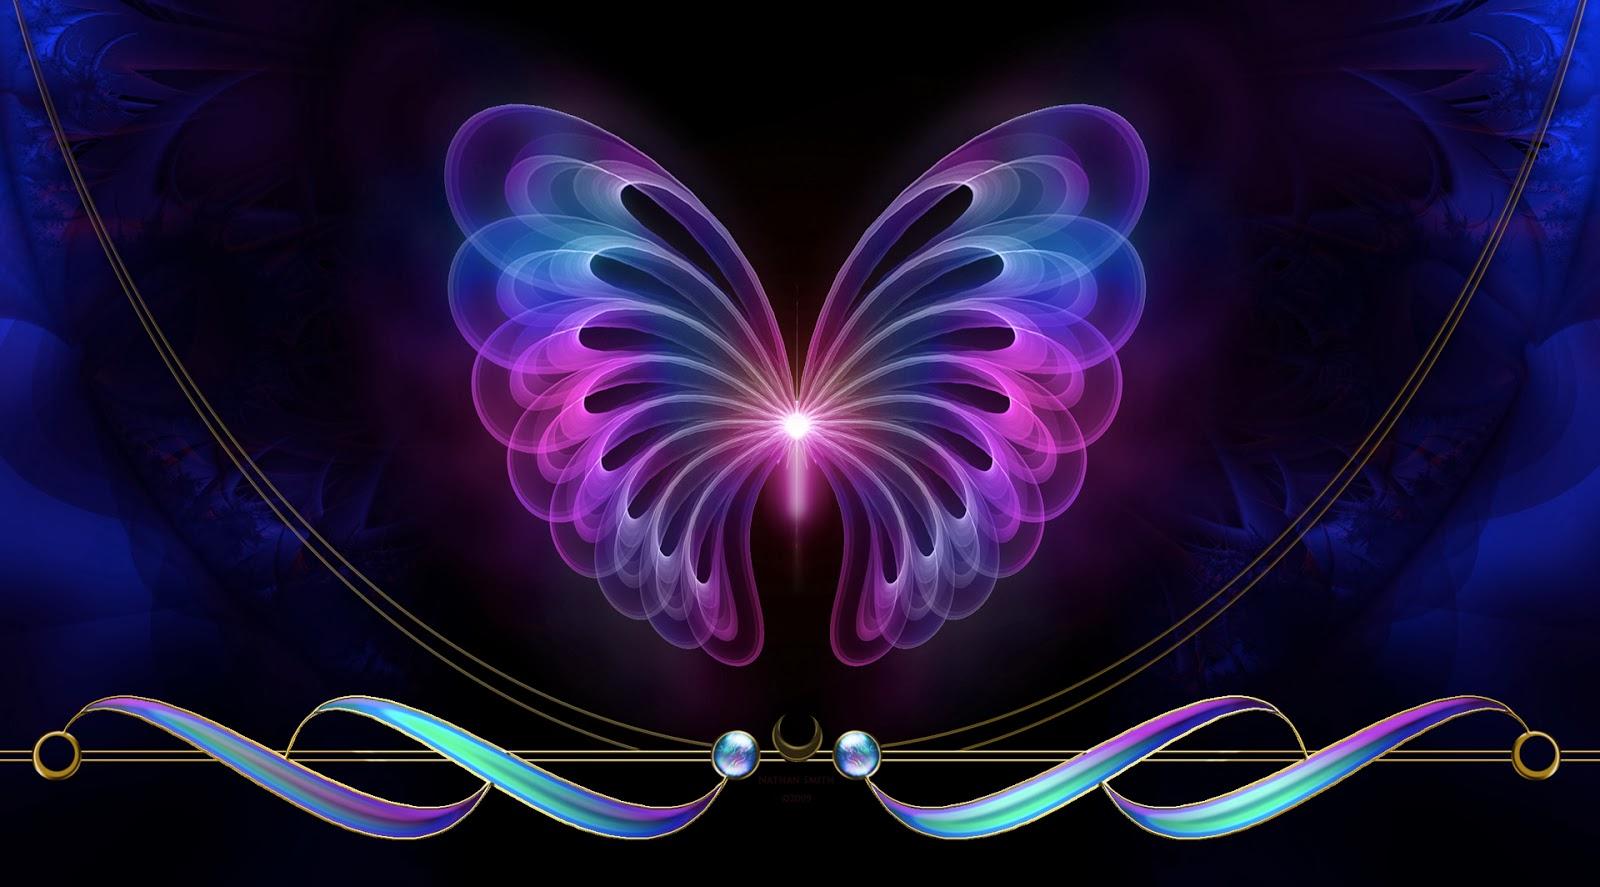 Butterfly - Butterfly Wallpaper Desktop Background , HD Wallpaper & Backgrounds